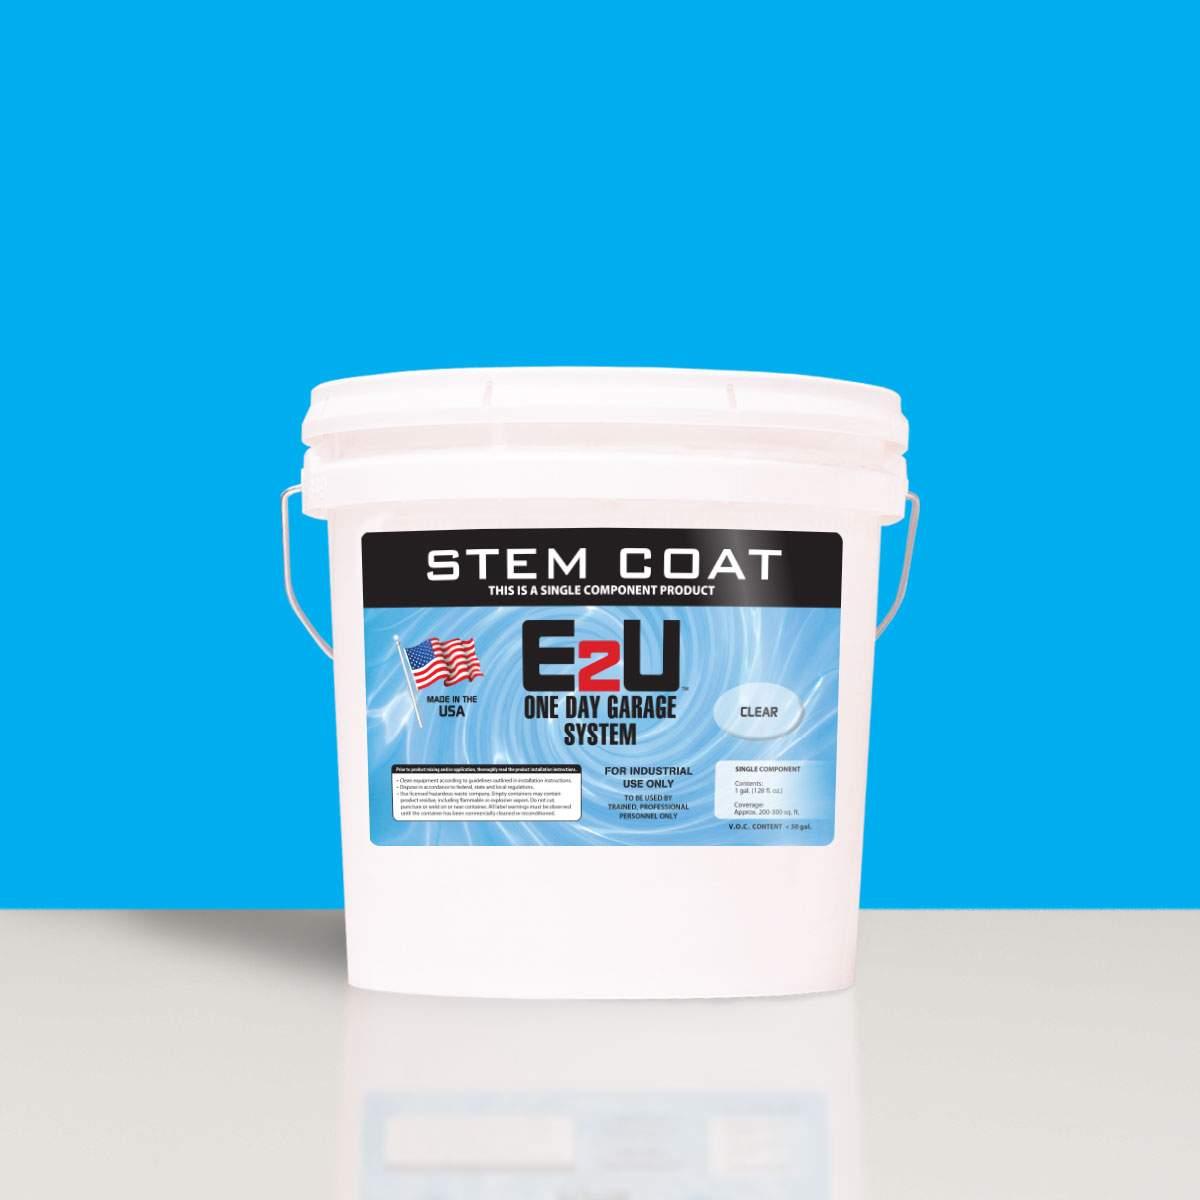 Stem-Coat